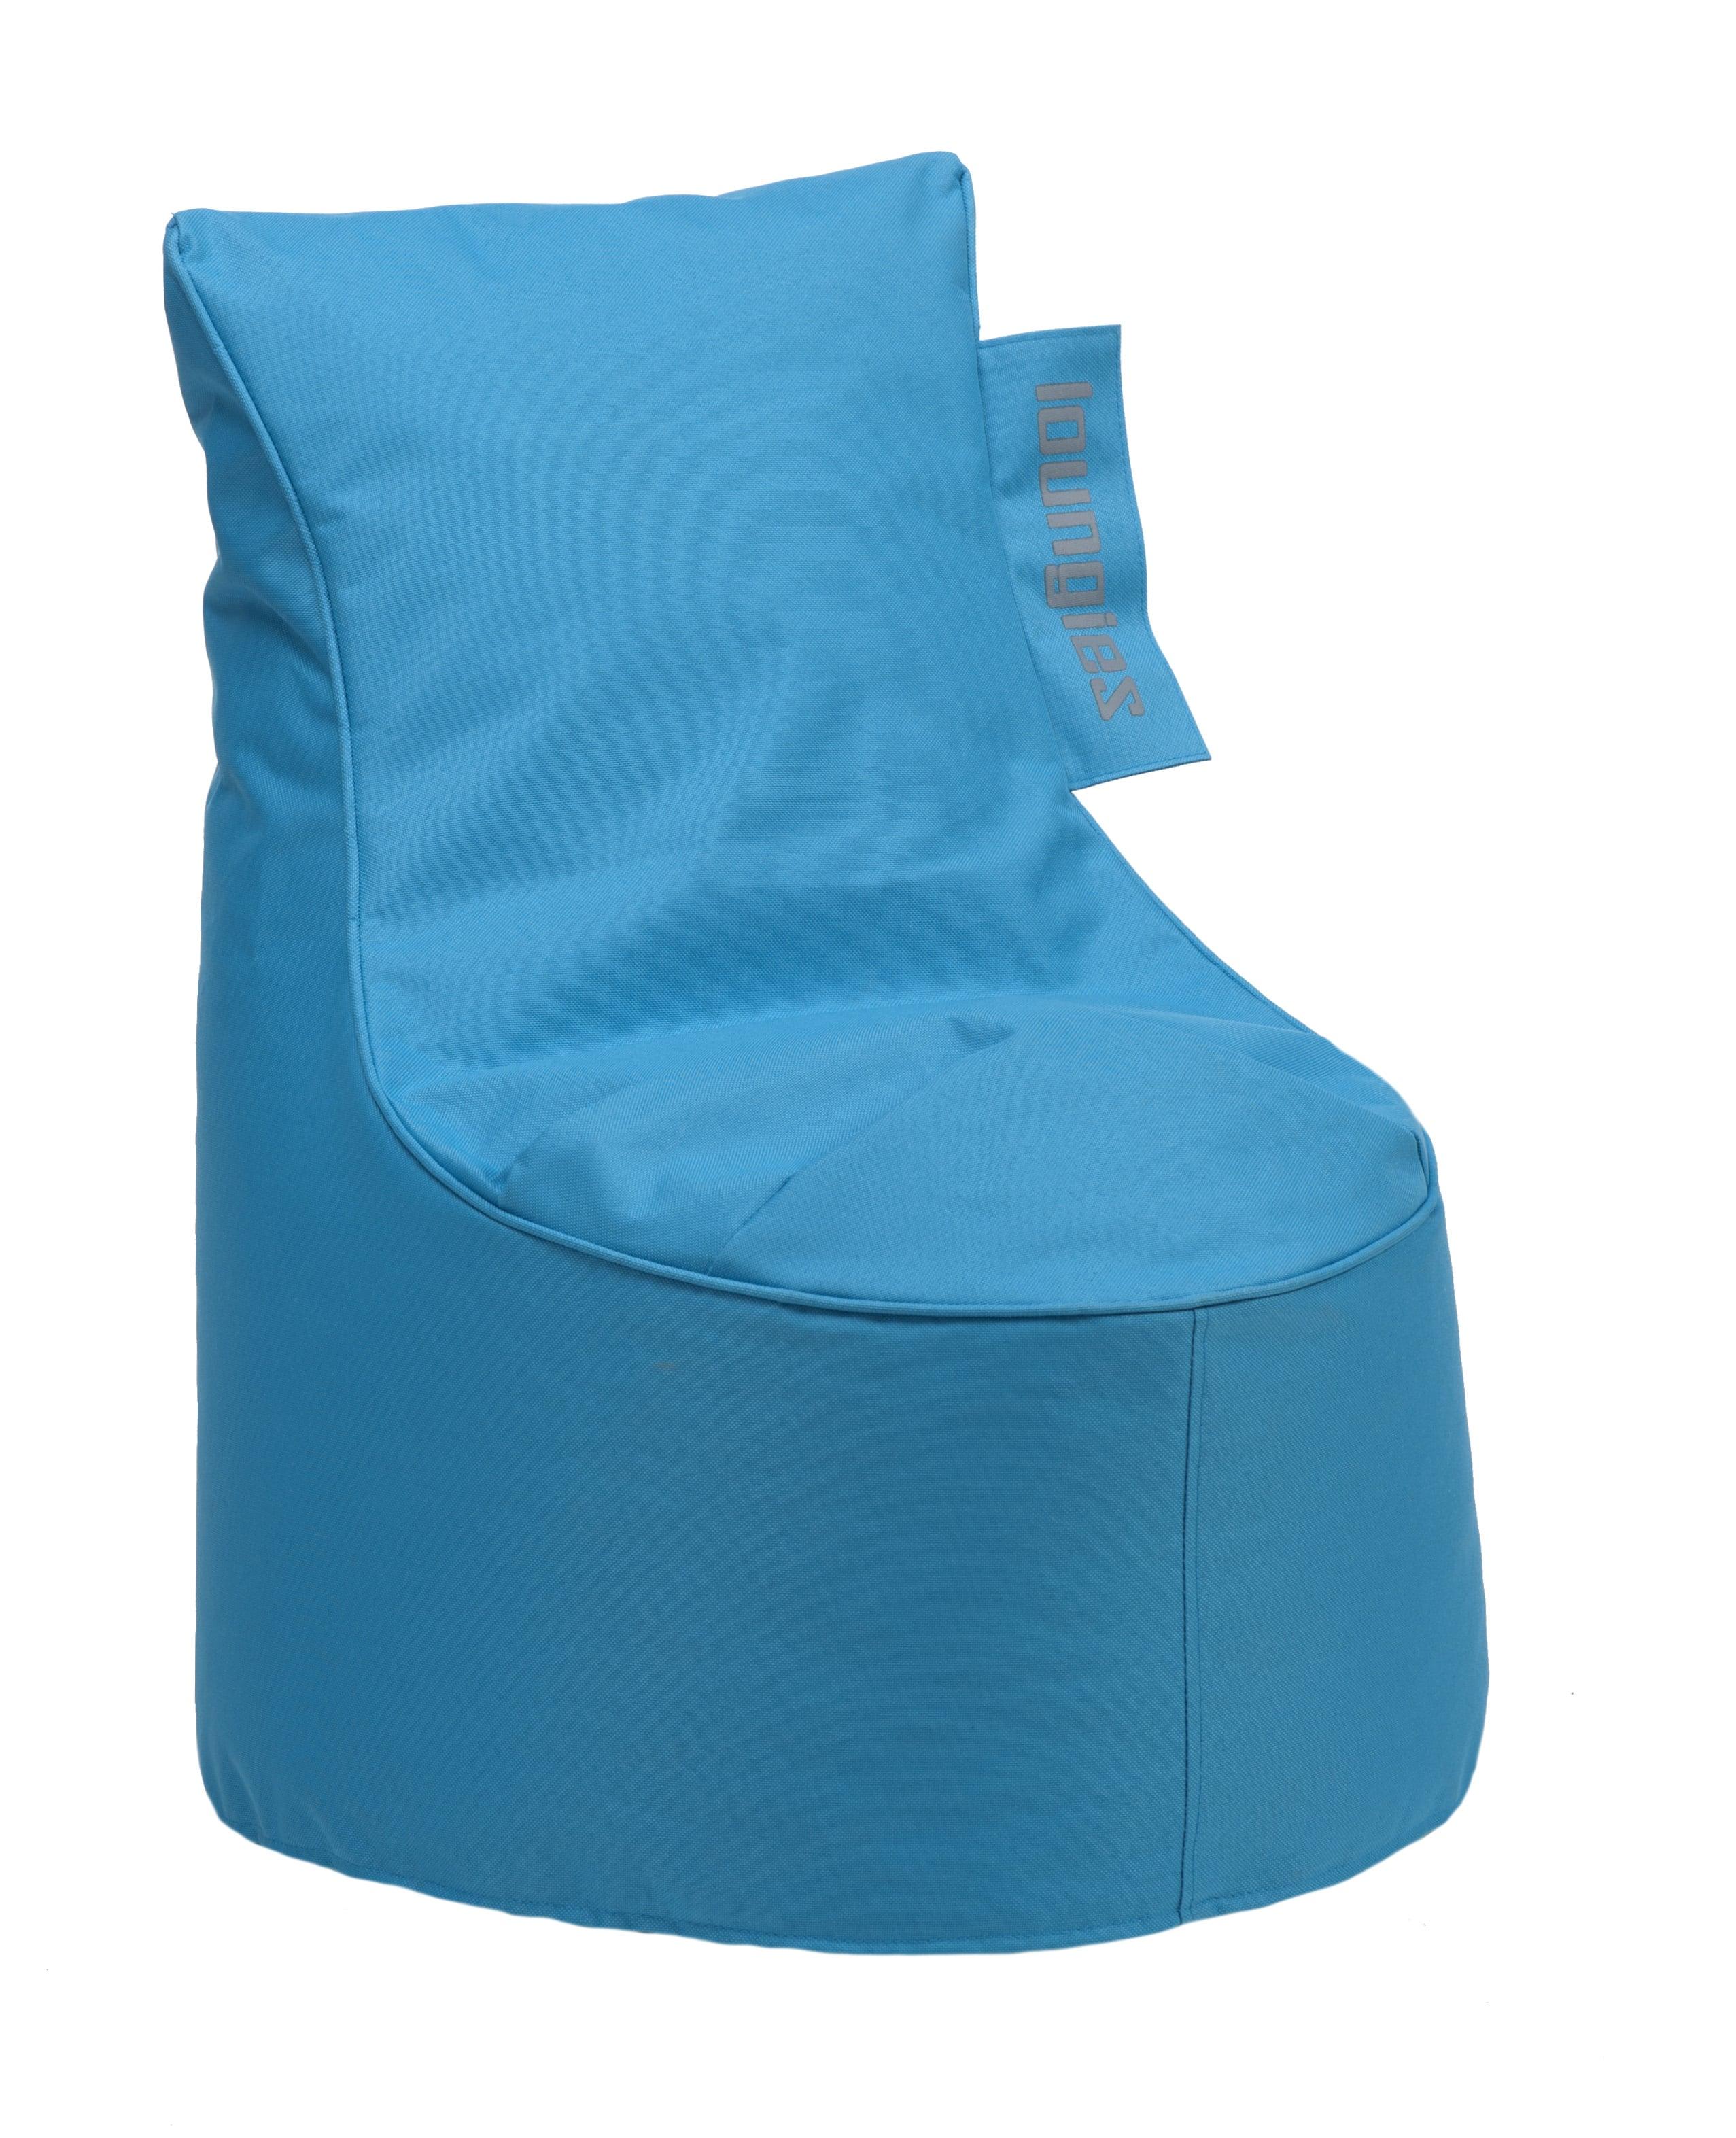 Aqua Blauwe Zitzak.Loungies Zitzak Stoel Junior Blauw Sittingbags Nl